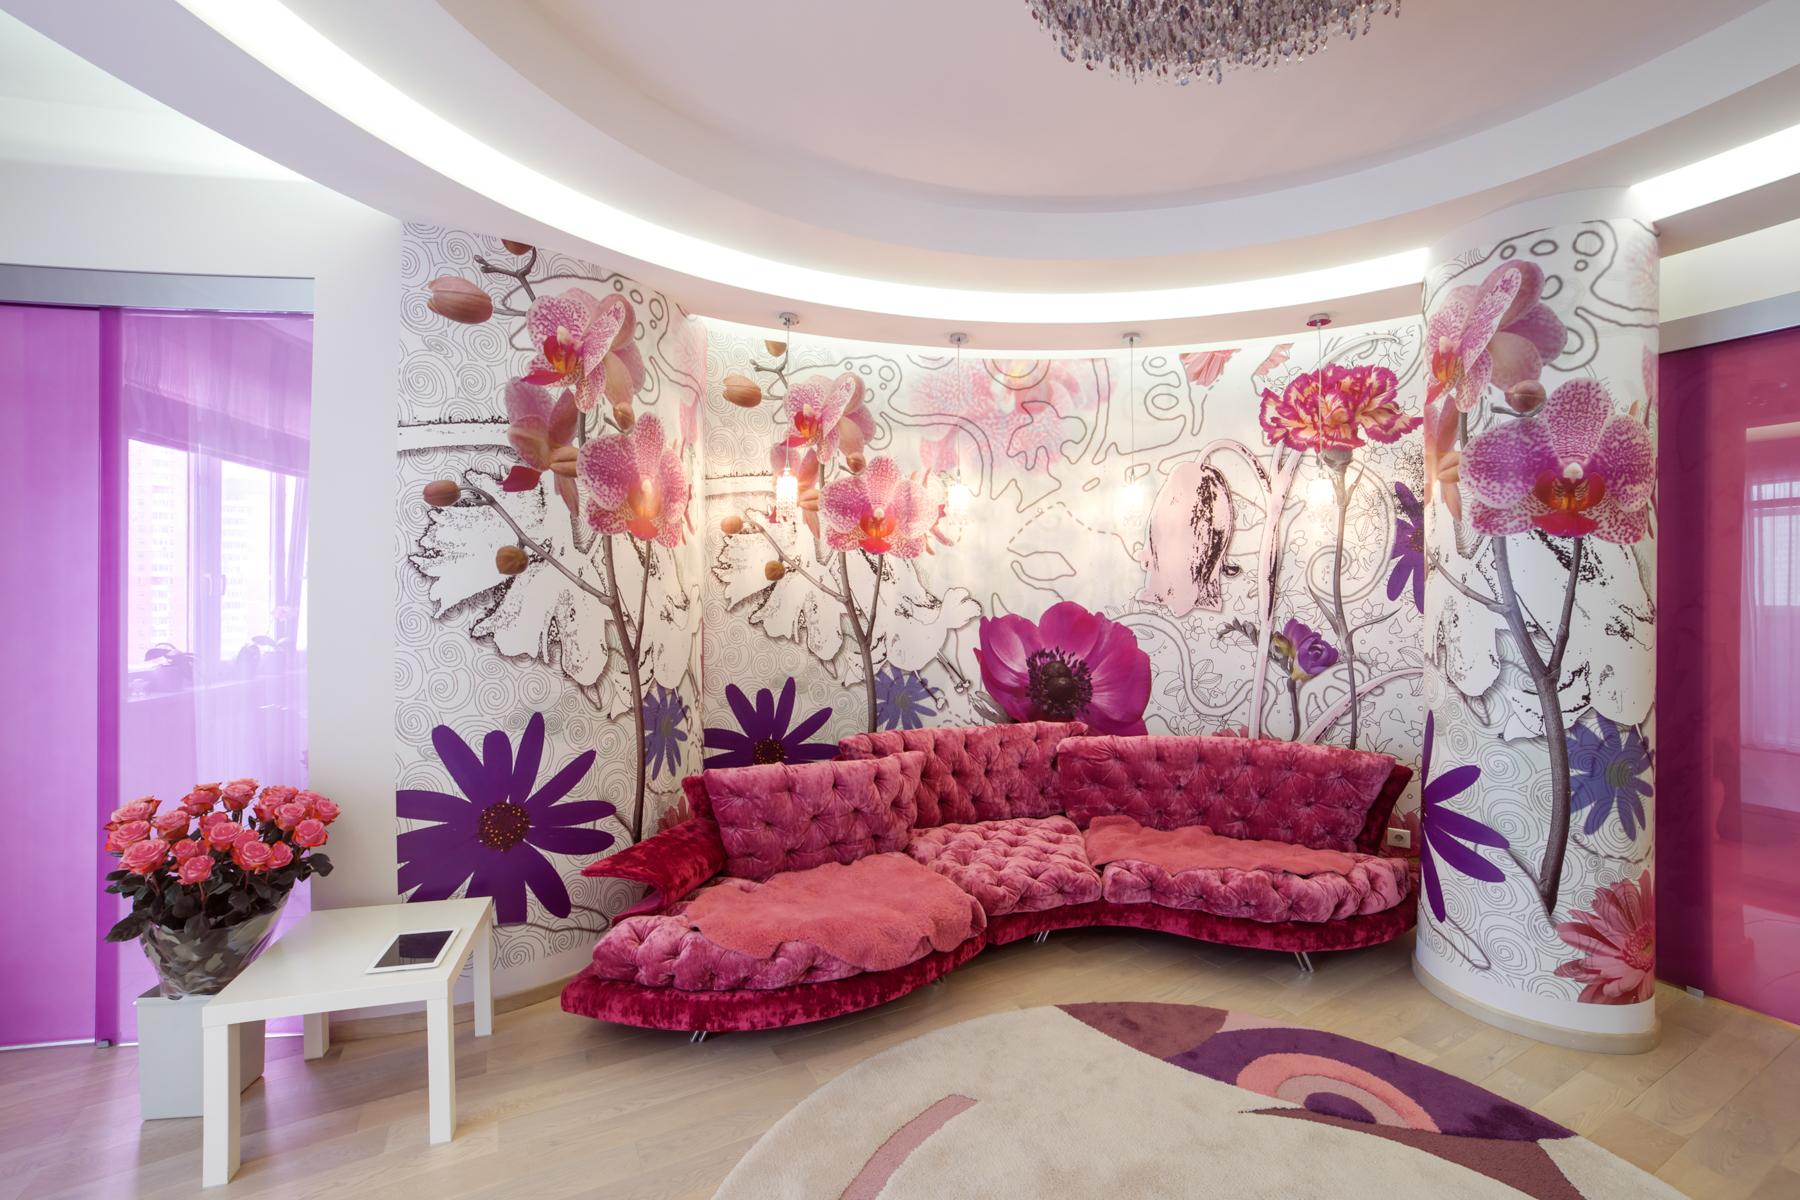 Фото дизайна квартир в розовом цвете